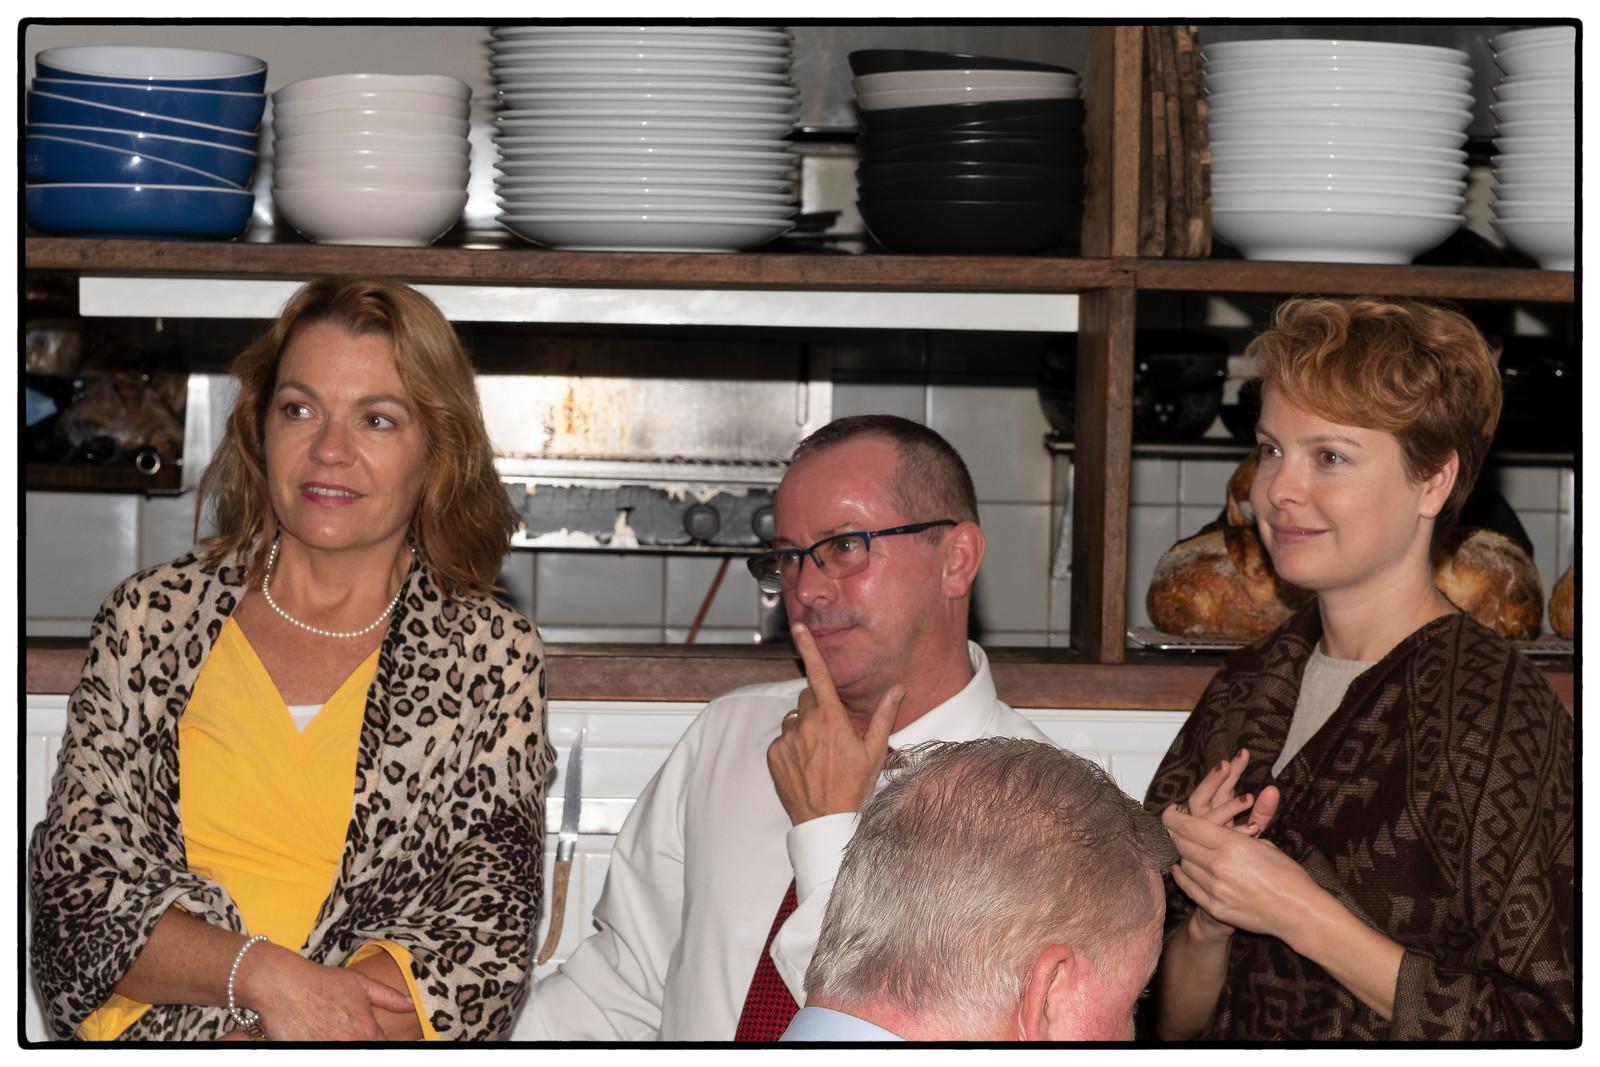 Angie, John and Tanya